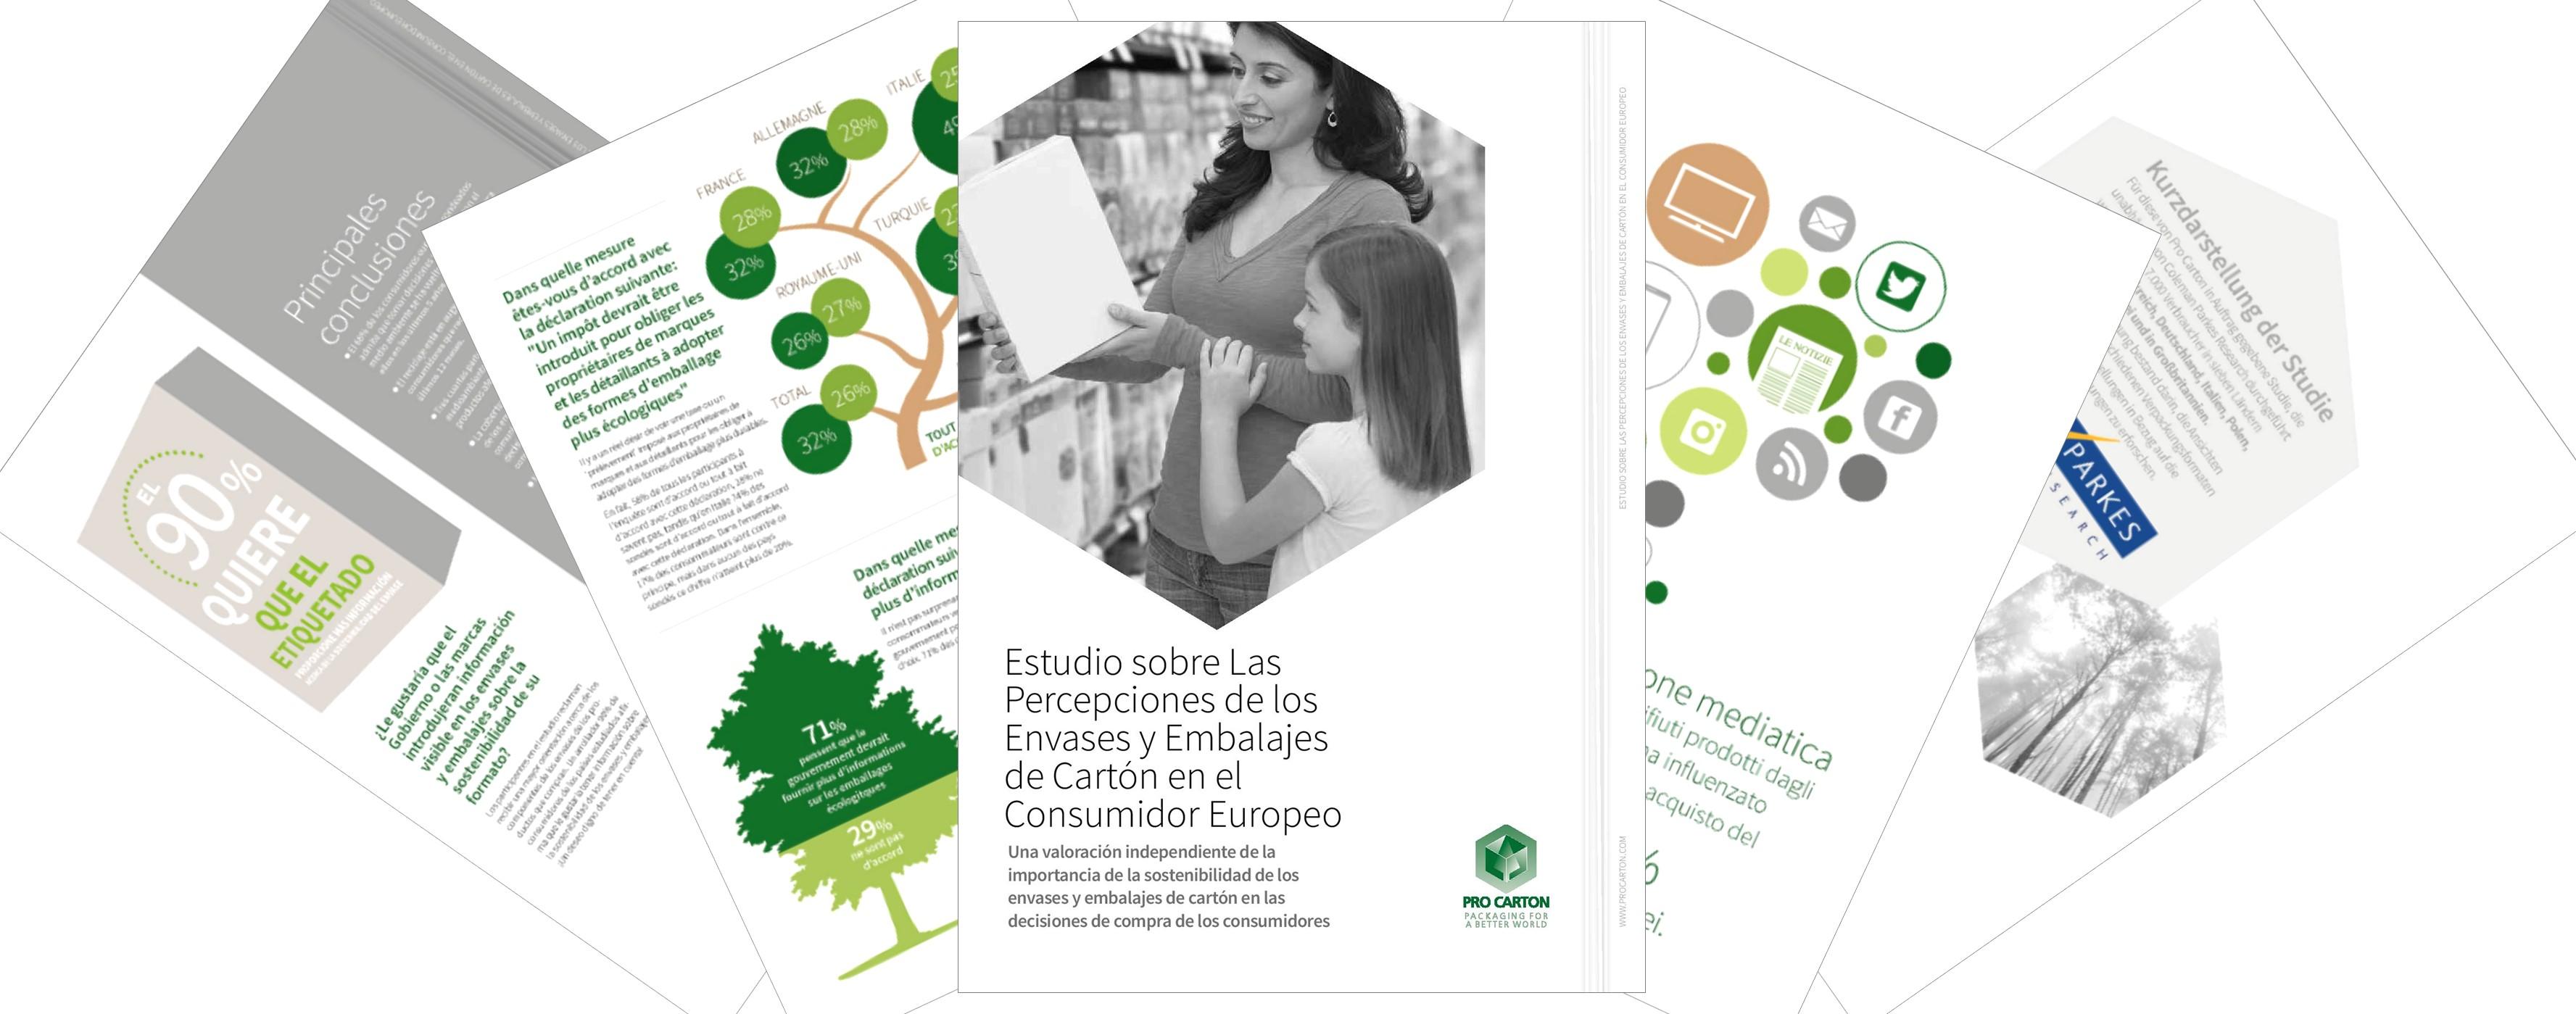 Estudio sobre Las Percepciones de los Envases y Embalajes de Cartón en el Consumidor Europeo